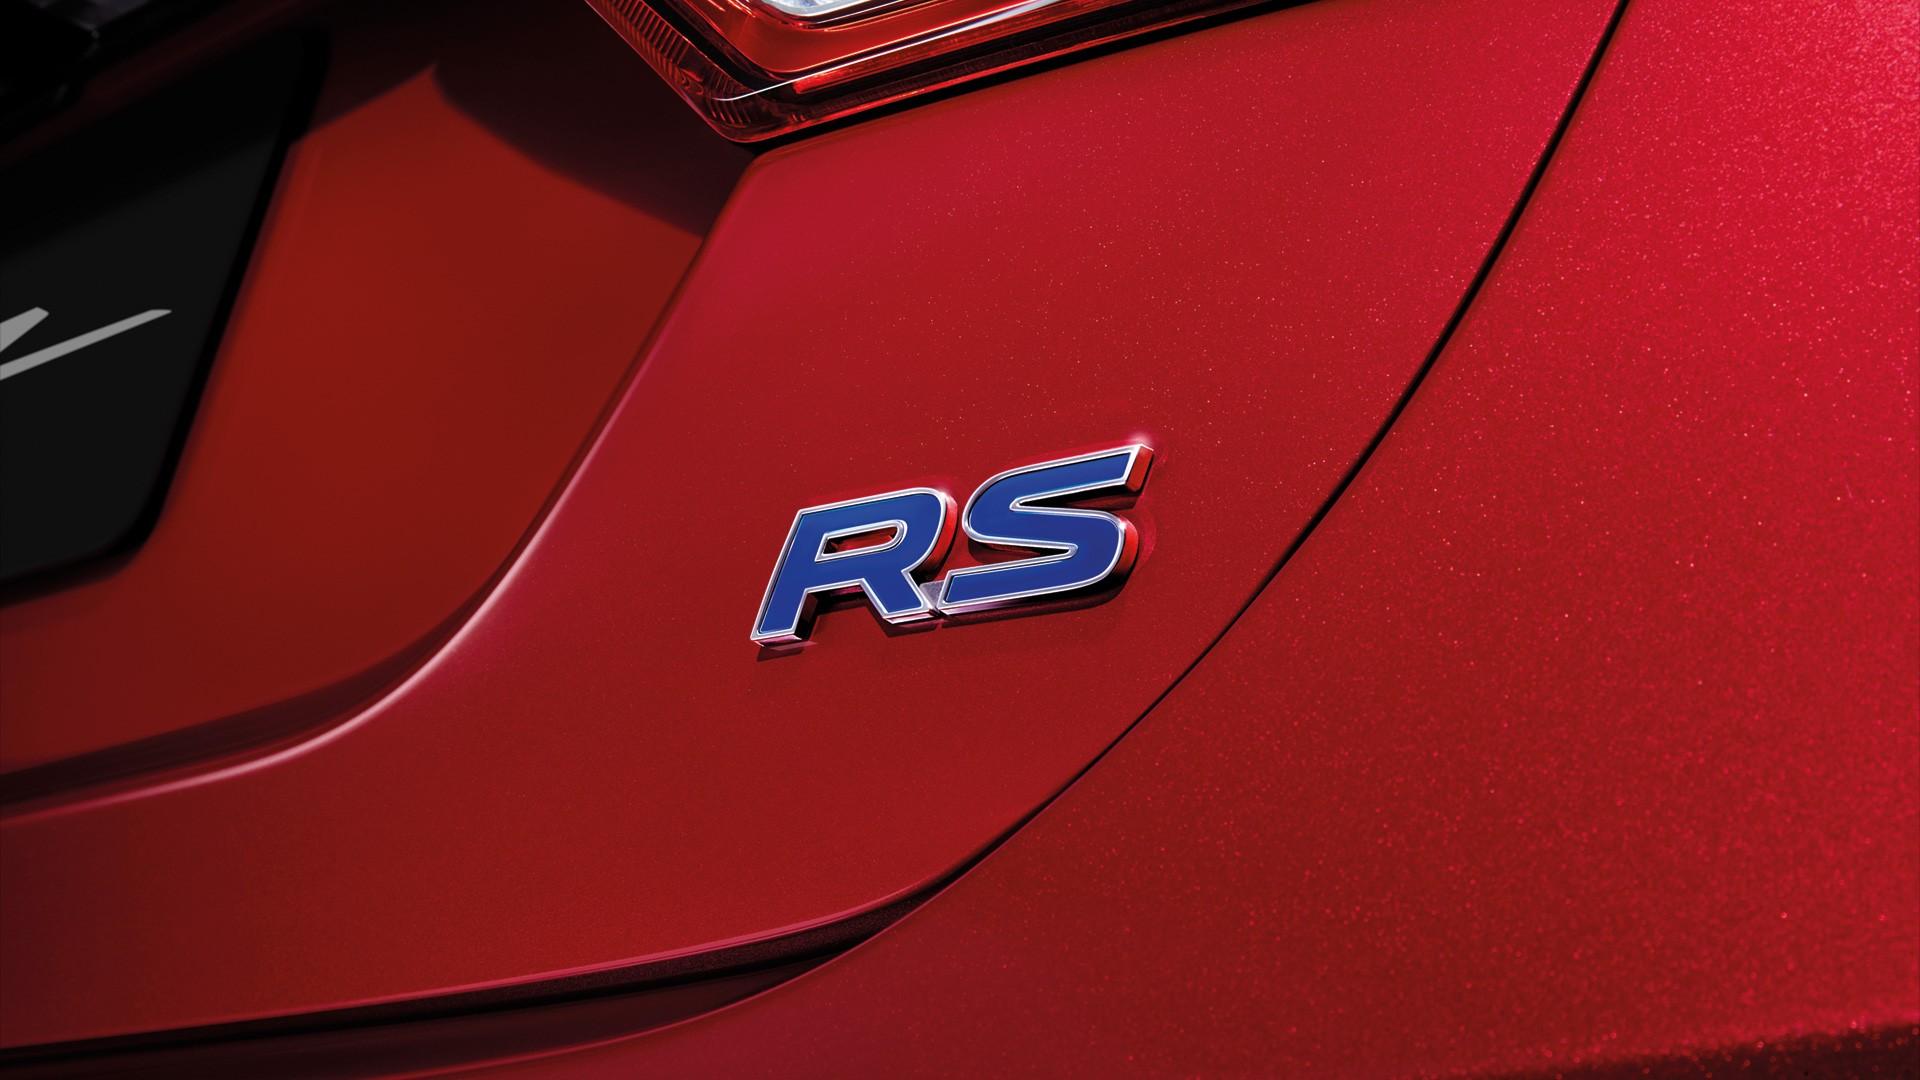 Suzuki Ciaz Emblem RS